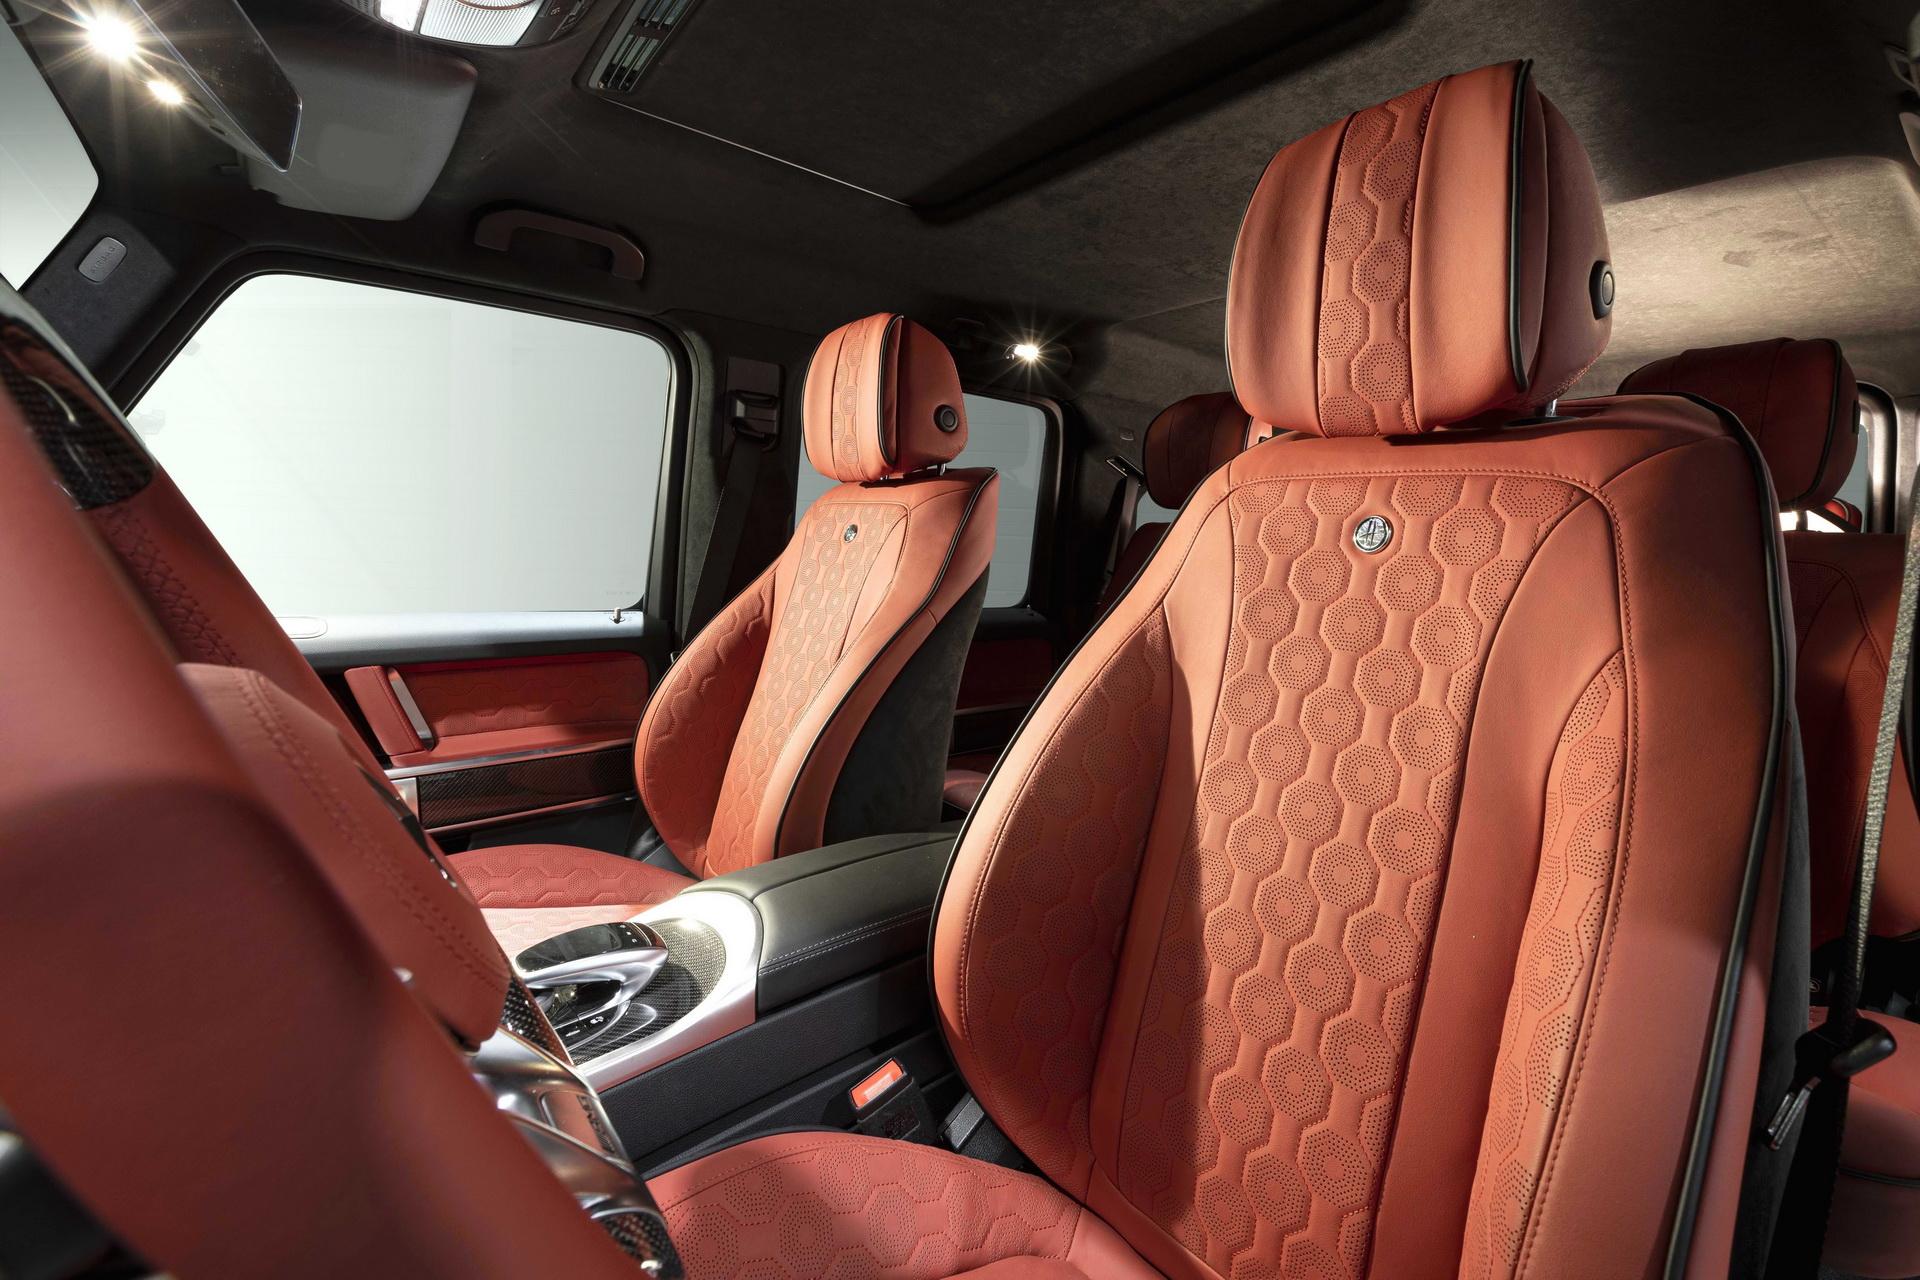 Mercedes-AMG G 63 Hofele